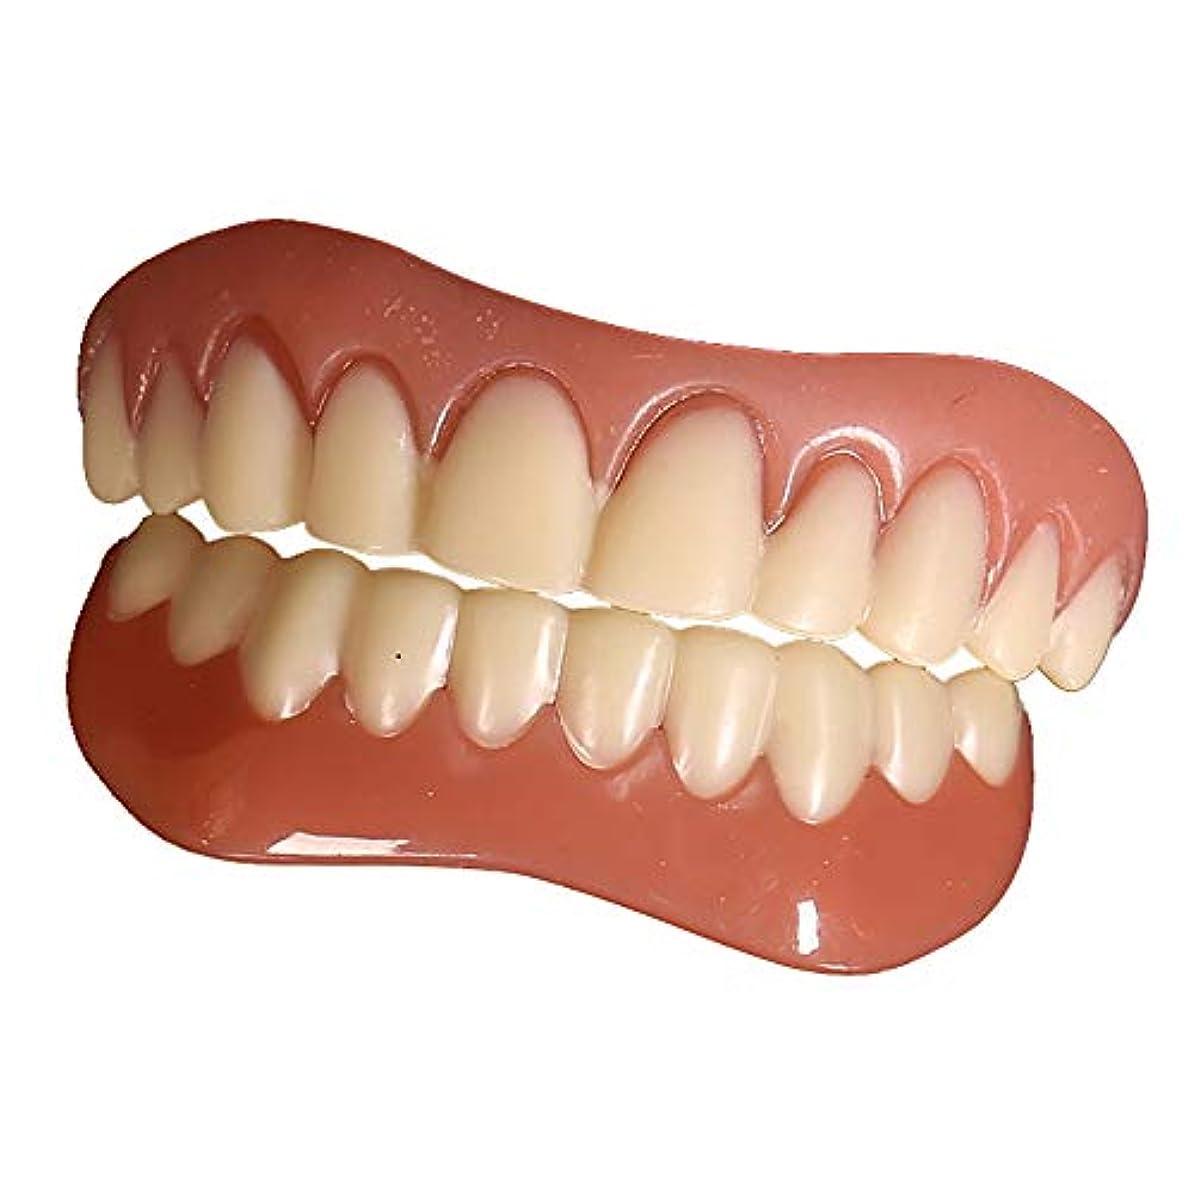 はげ露無人パーフェクトインスタントスマイルティースベニヤインスタントビューティー2本入れ歯2本下歯(フリーサイズ(中))